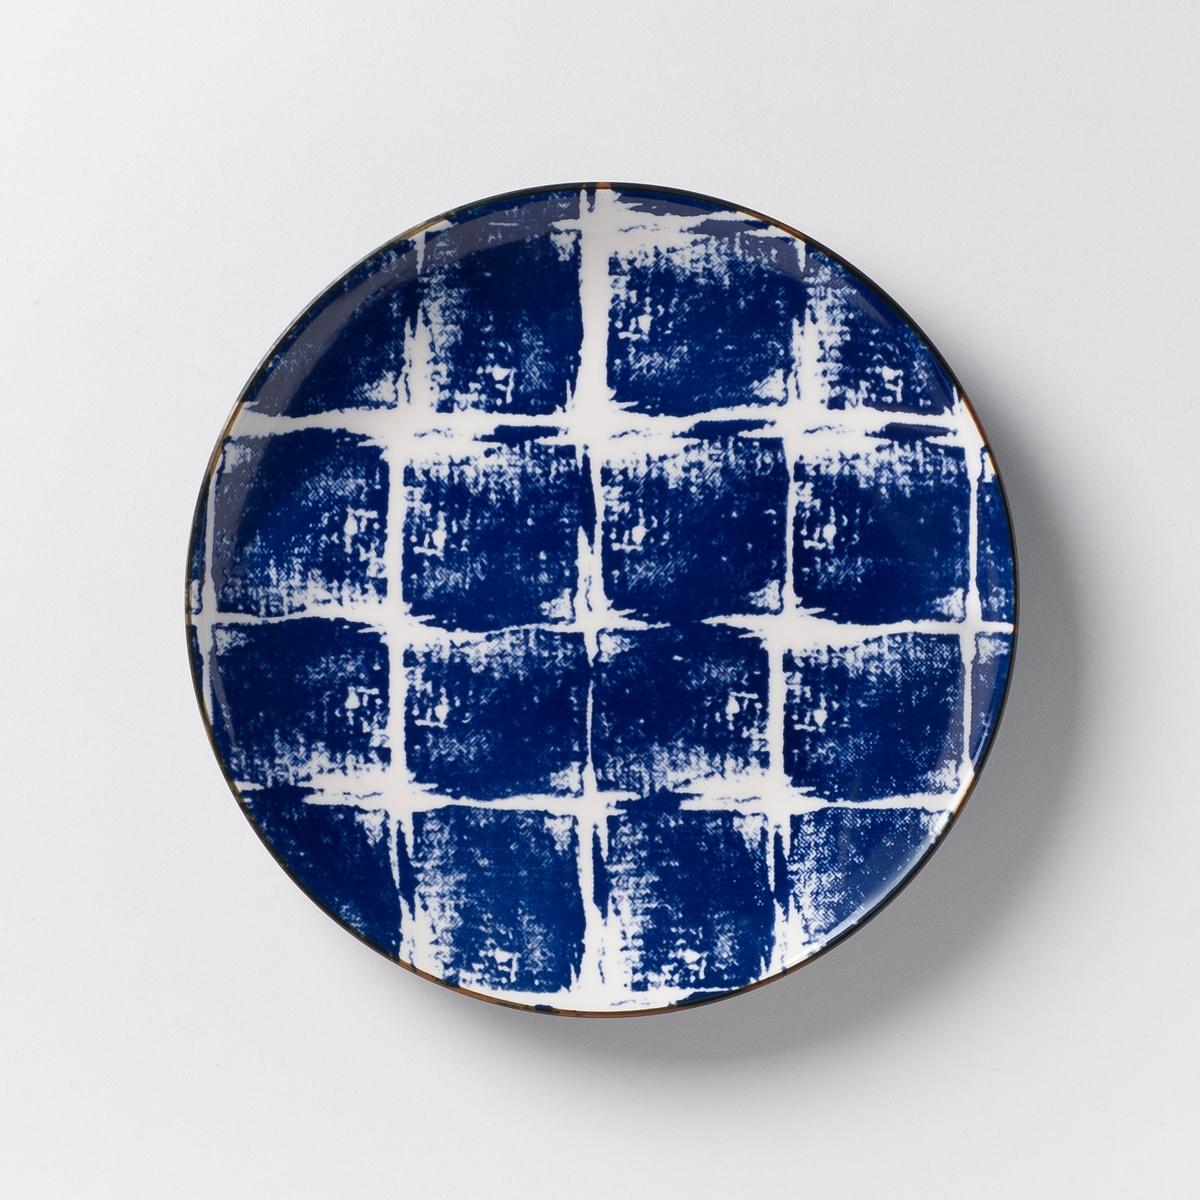 Комплект из 4 десертных тарелок из керамики Malado комплект из 4 мелких тарелок из керамики olazhi